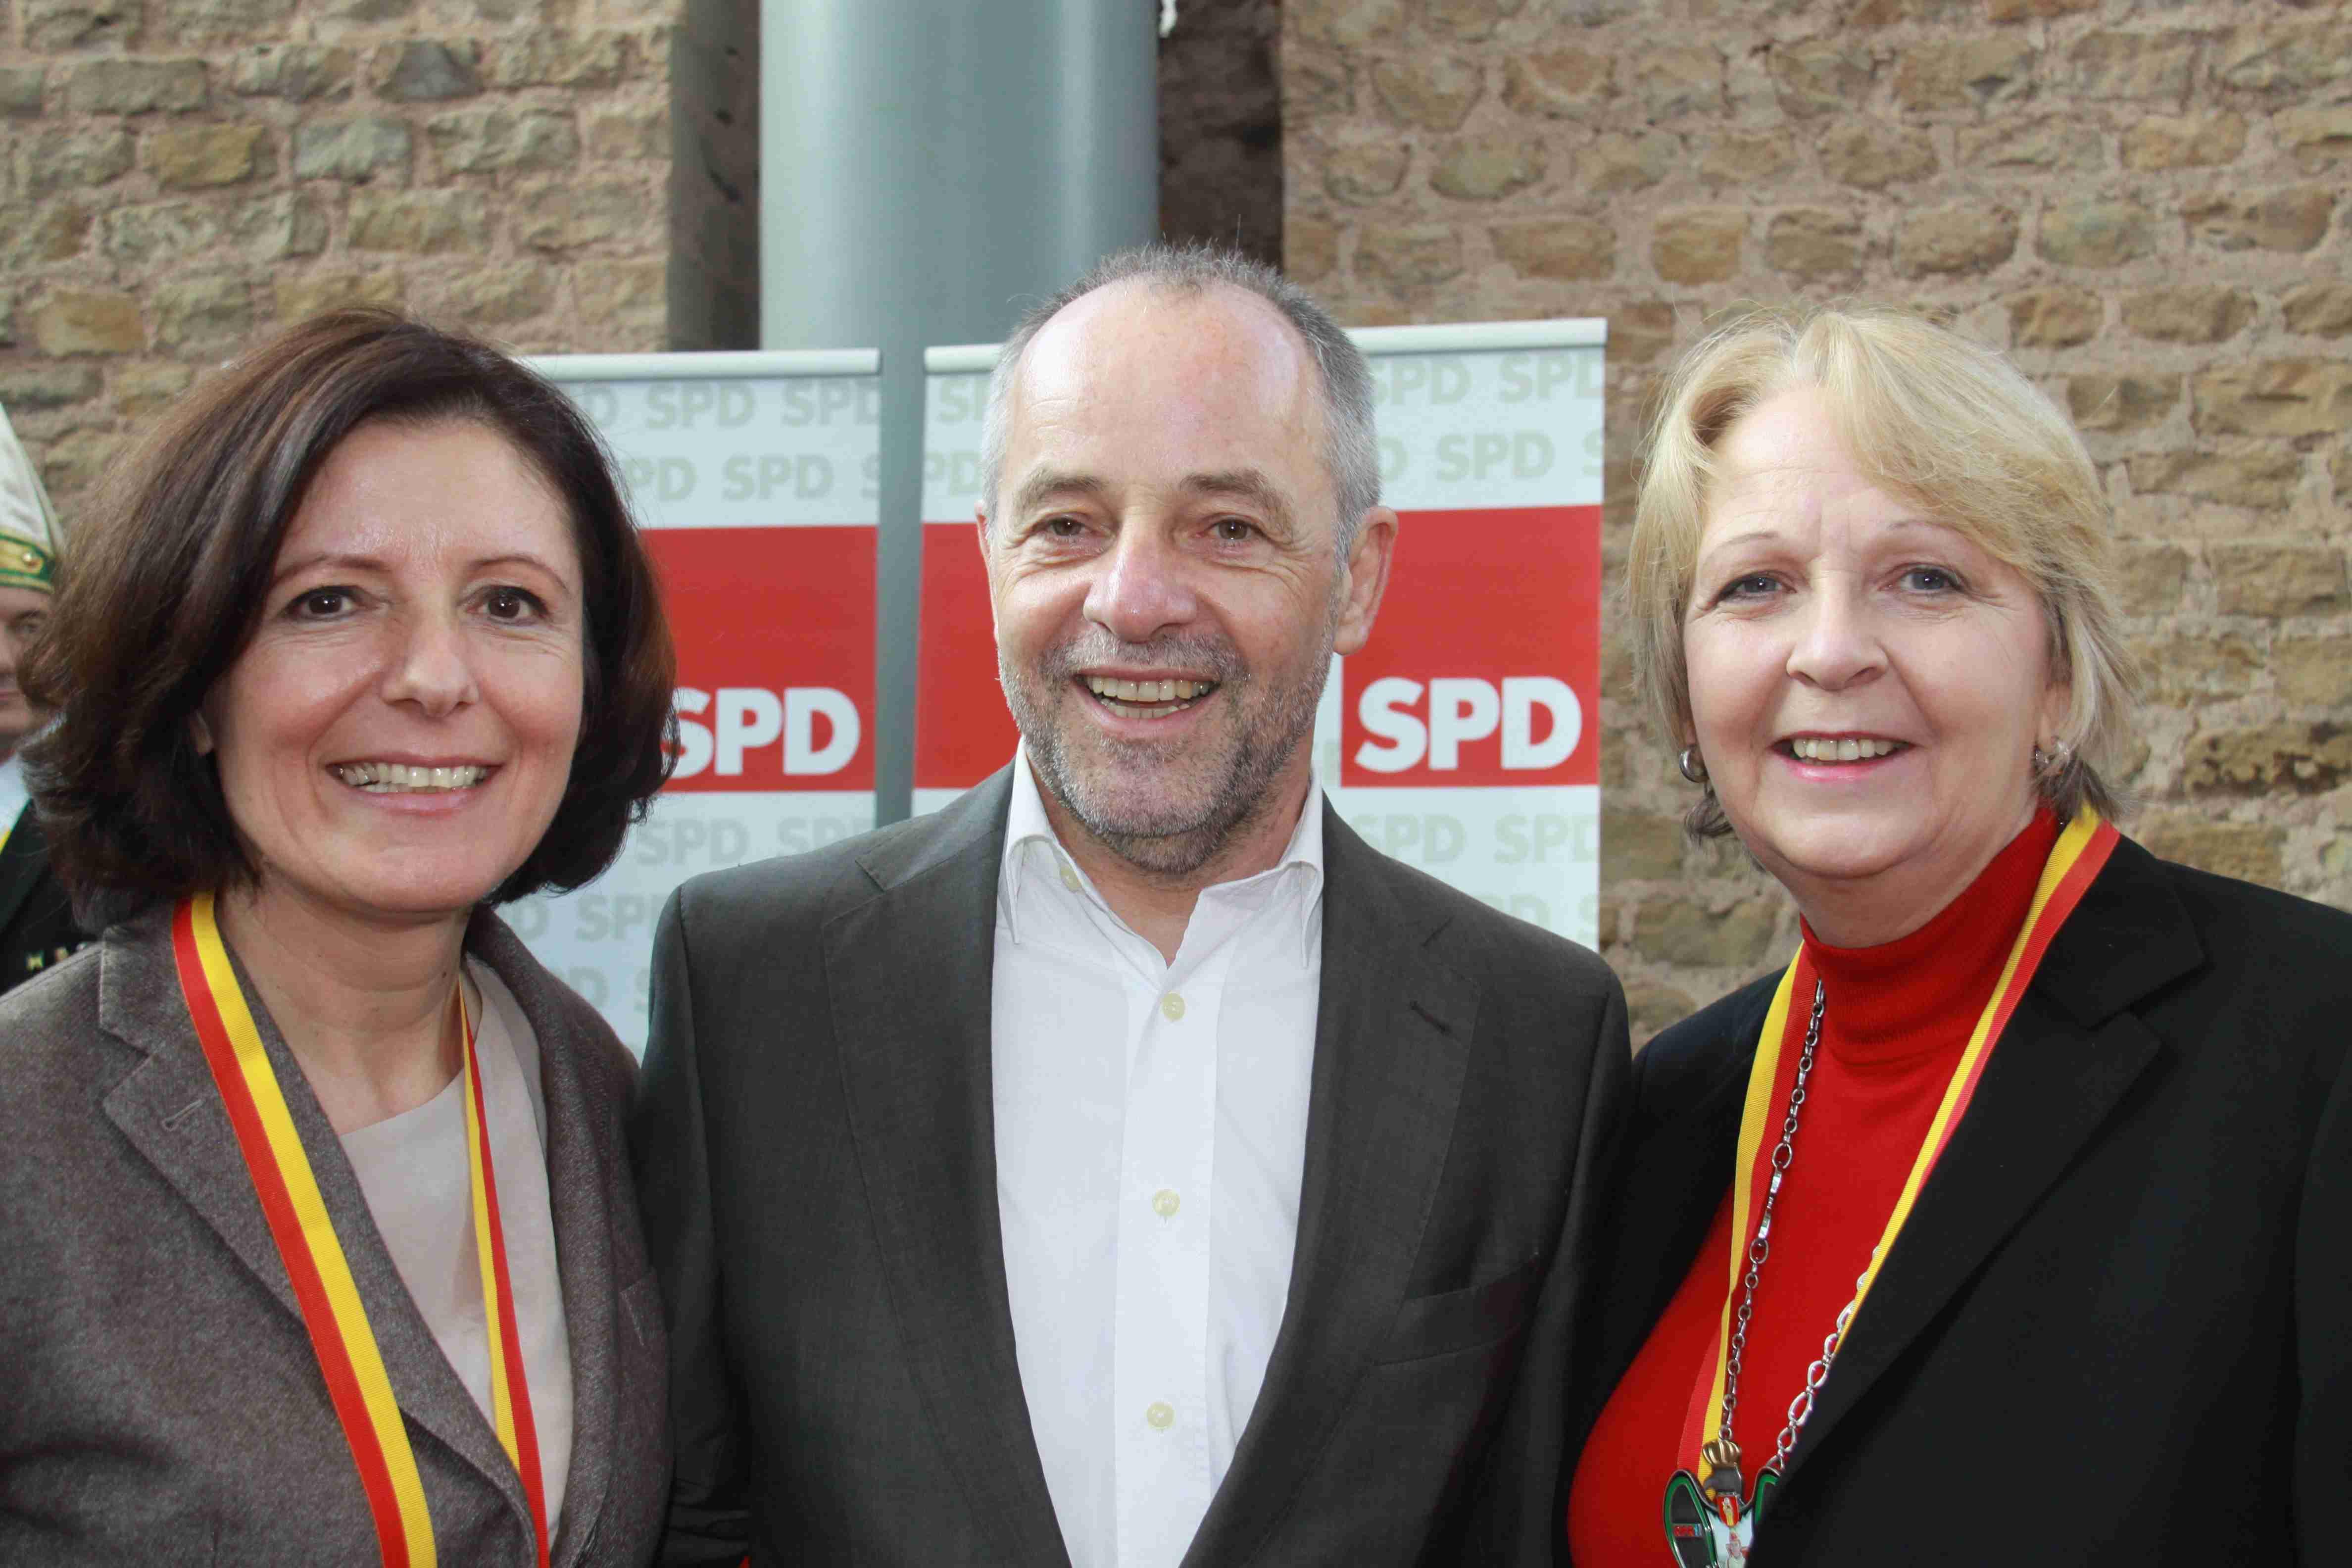 Neujahrsempfang SPD Trier 2013 – Malu Dreyer Klaus Jensen Und